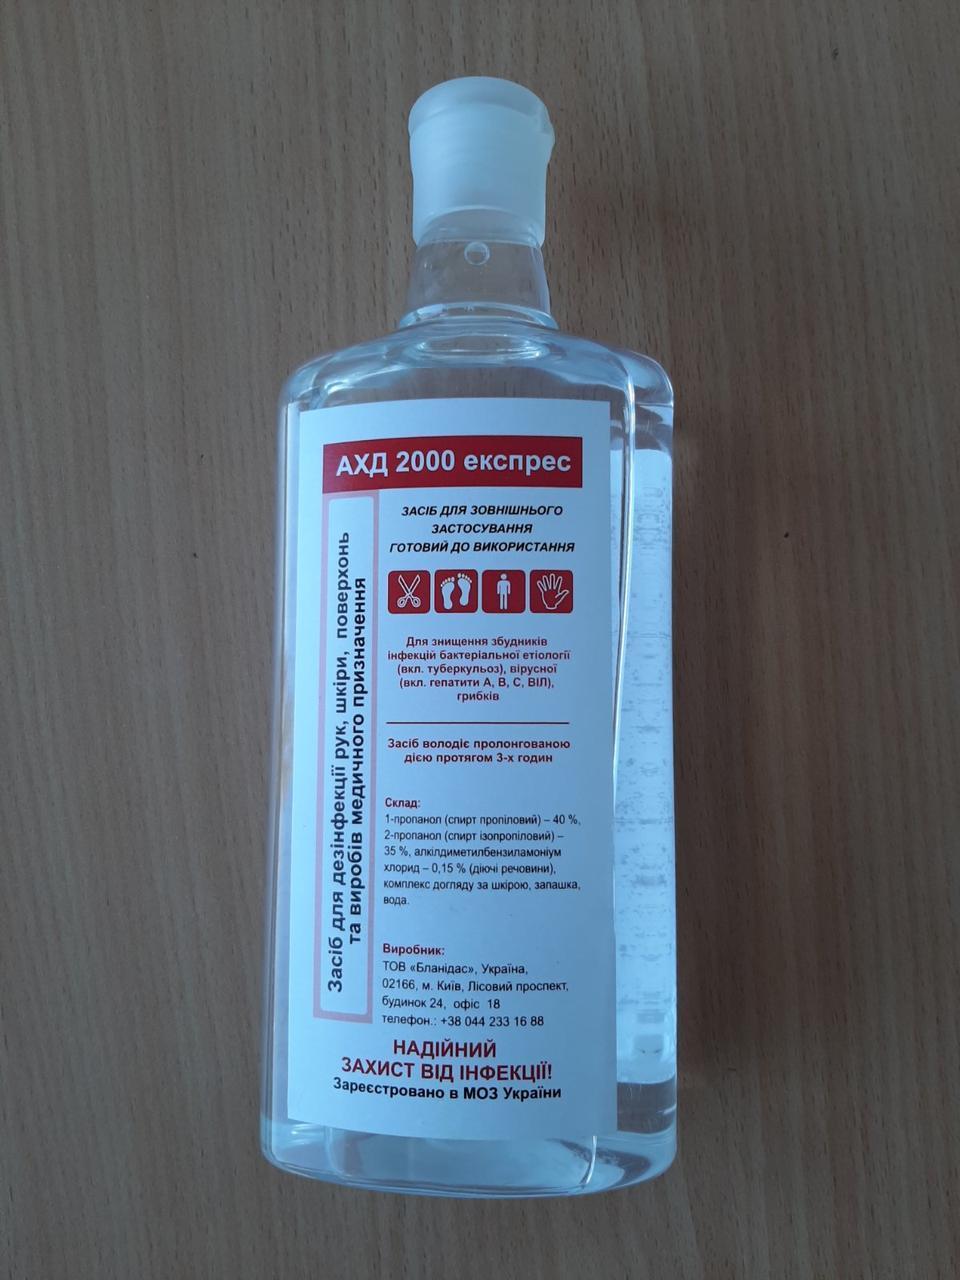 Санитайзер антисептик для рук АХД 2000 экспресс 800 мл жидкость для дезинфекции кожи, Lysoform